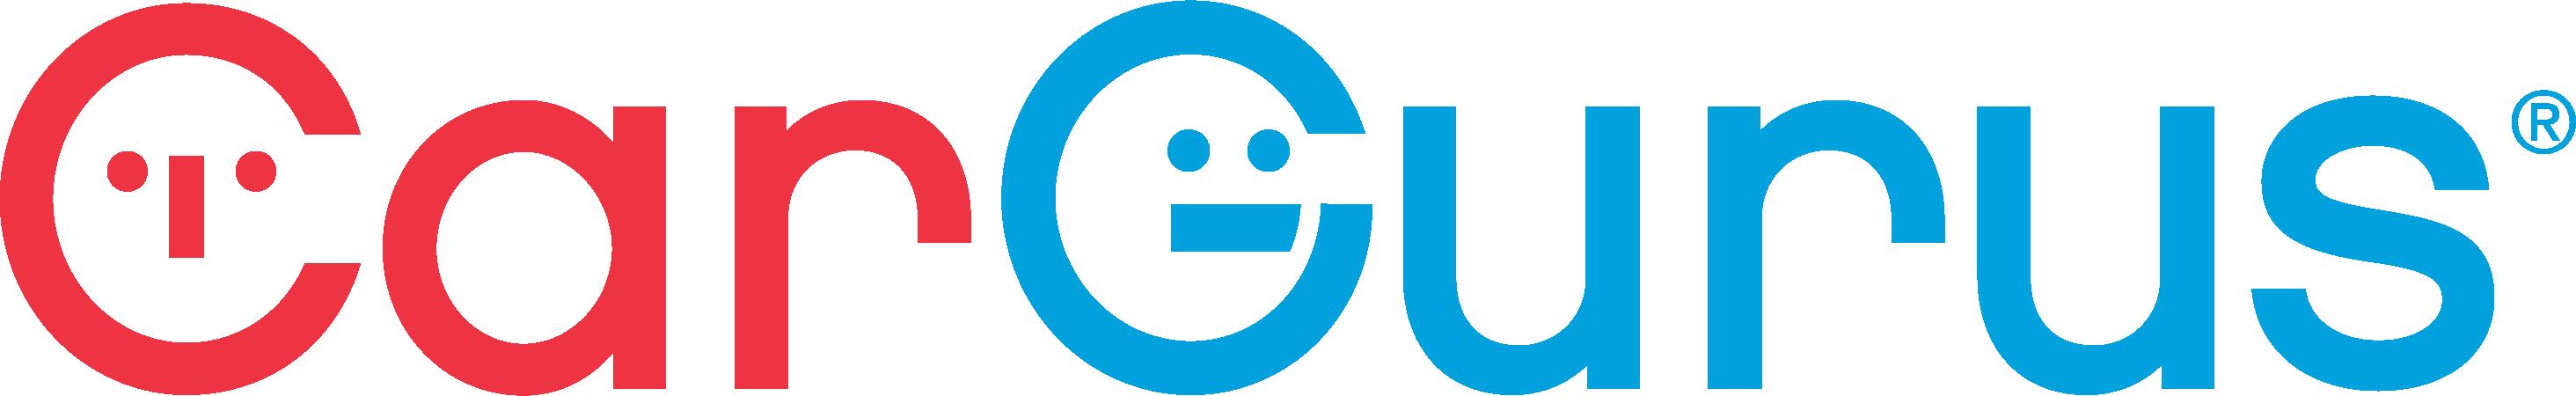 cargurus-logo